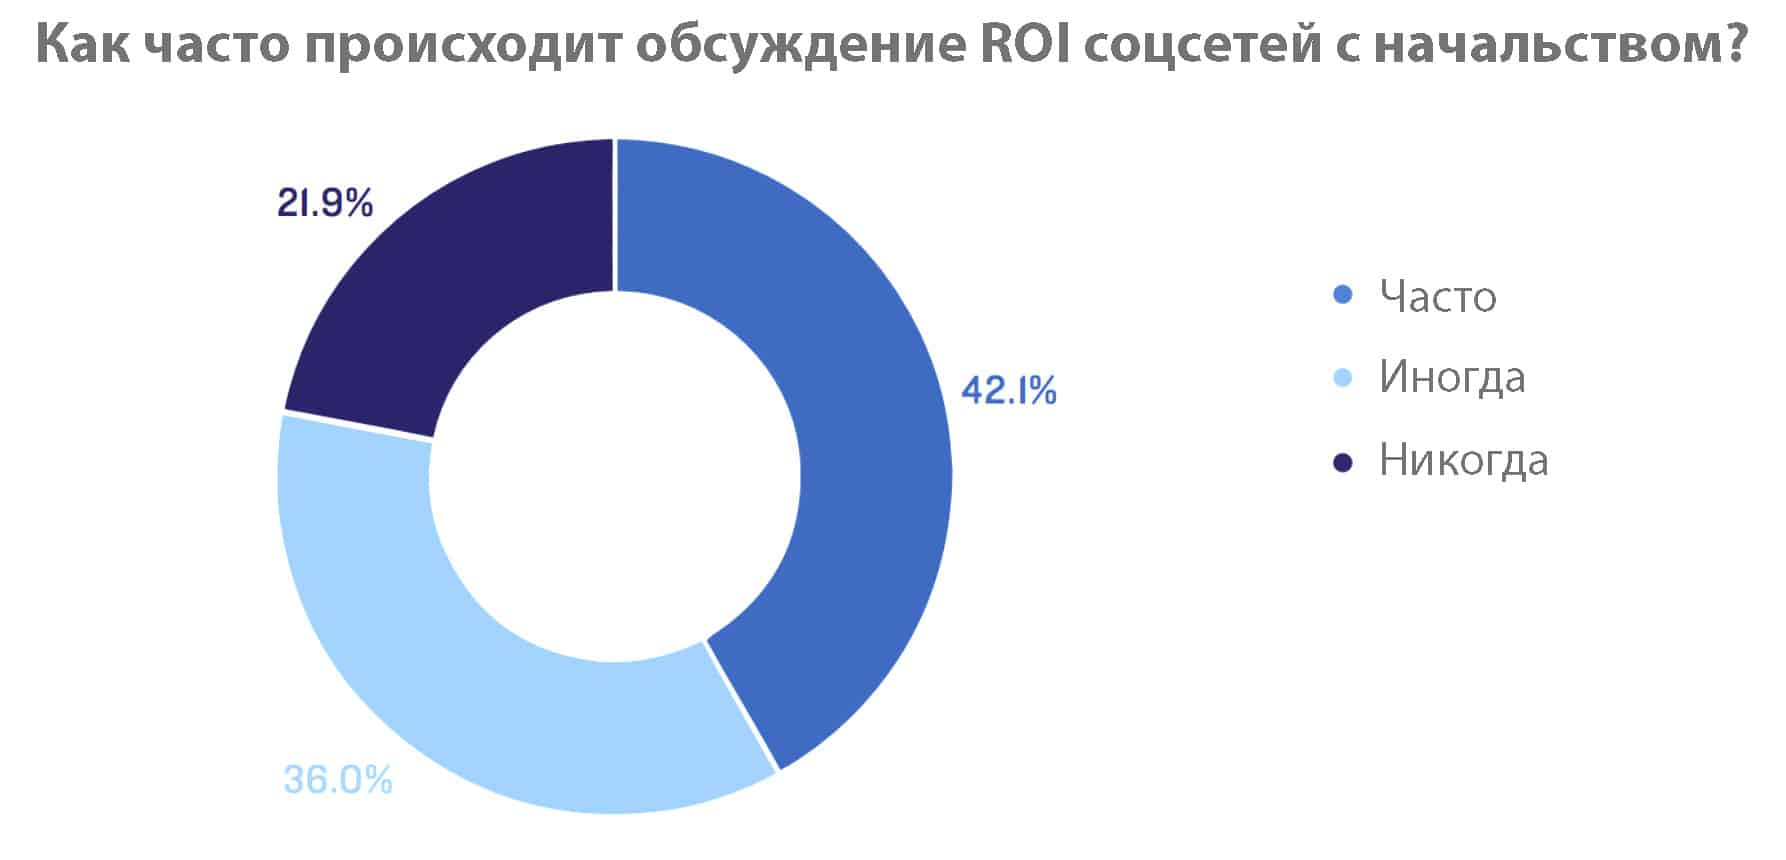 частота обсуждений ROI соцсетей